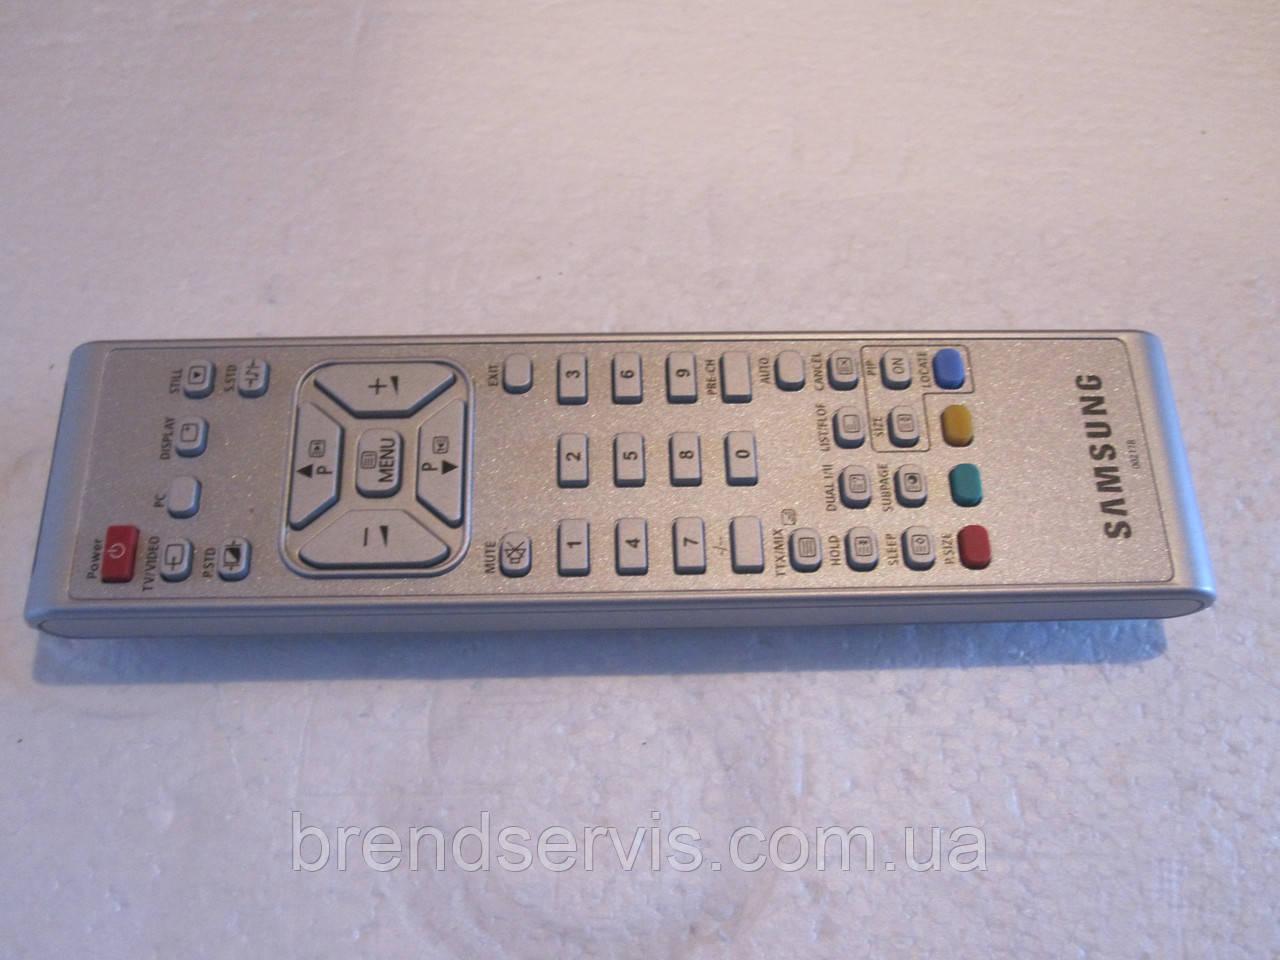 Пульт управления для телевизора Samsung